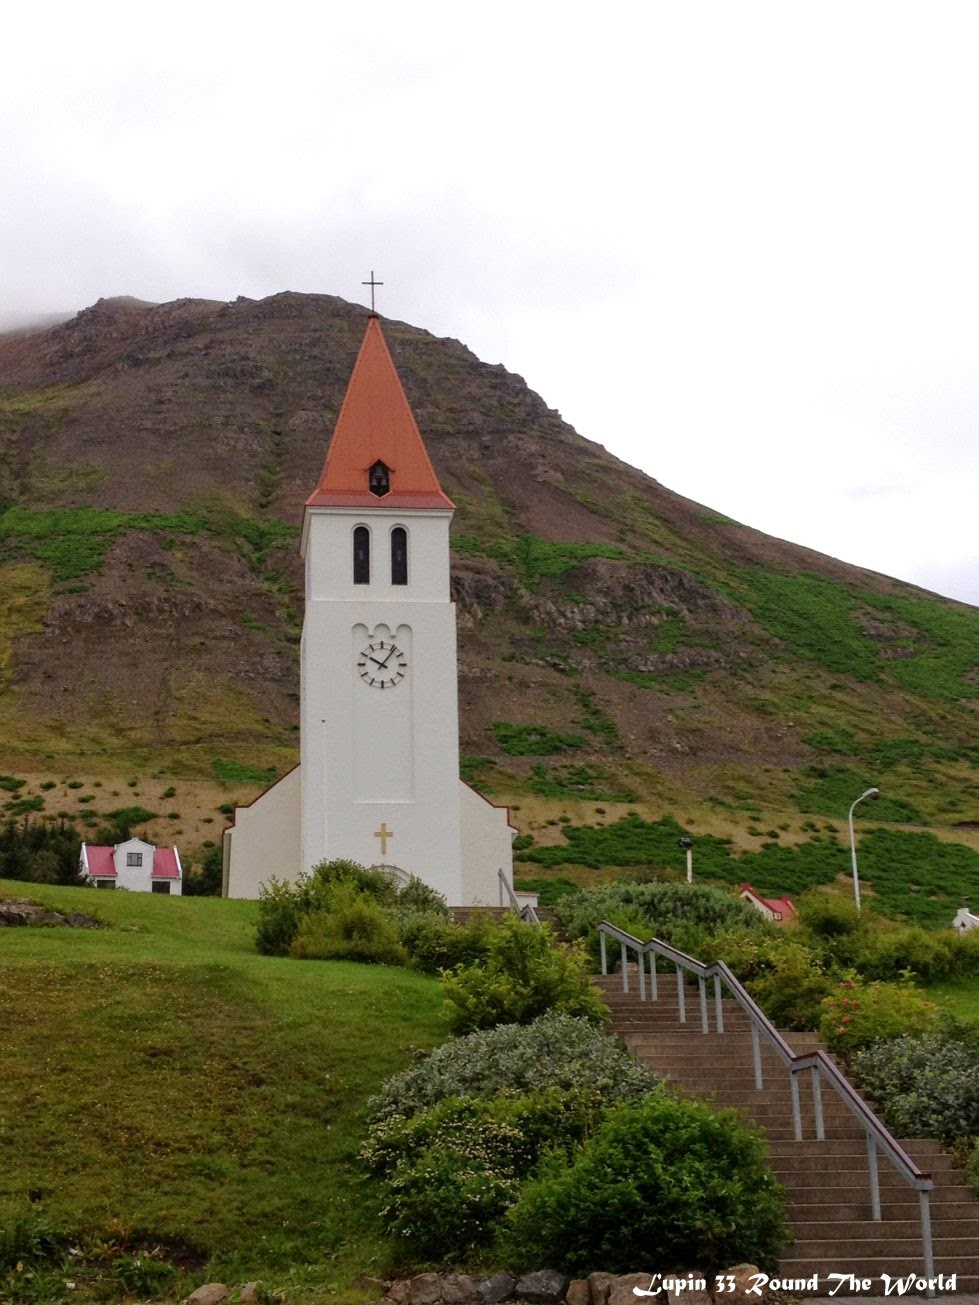 冰島自助旅行遊記照片-Siglufjordur教堂